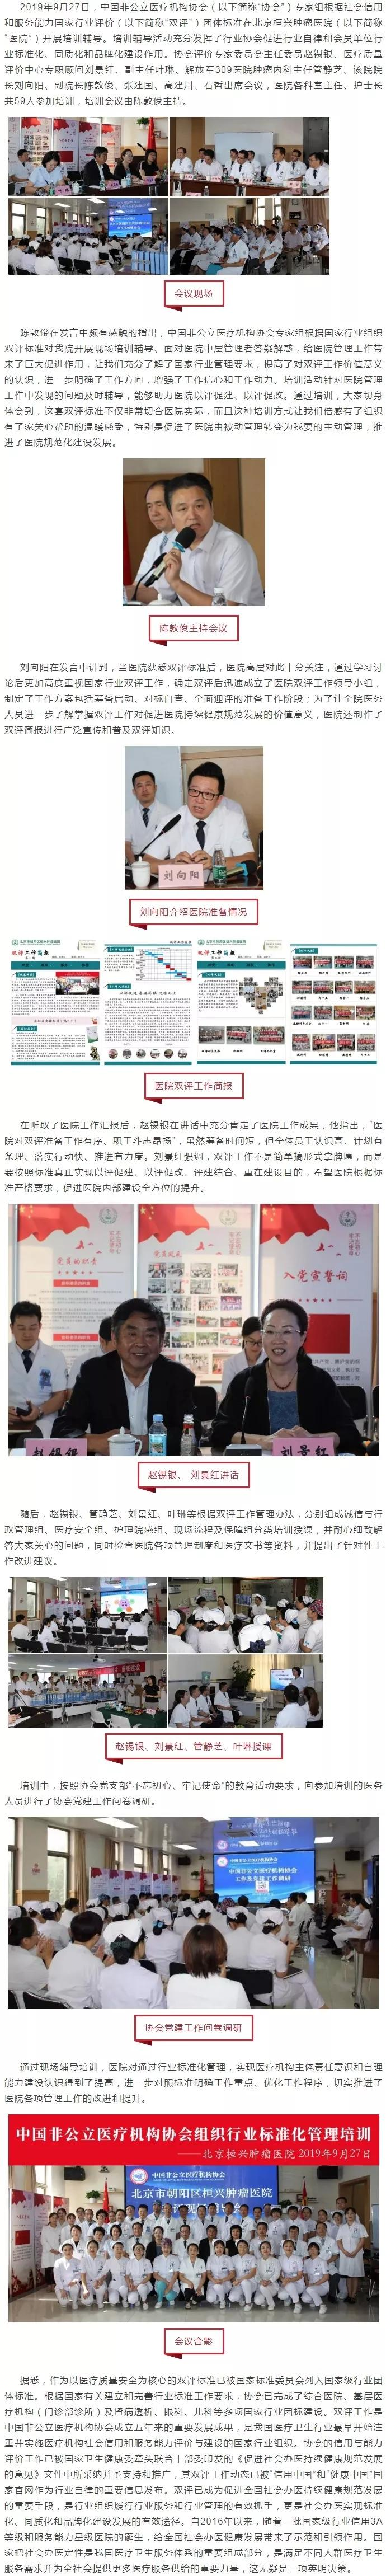 [中国非公立医疗机构协会专家组在北京桓兴肿瘤医院开展行业标准化管理